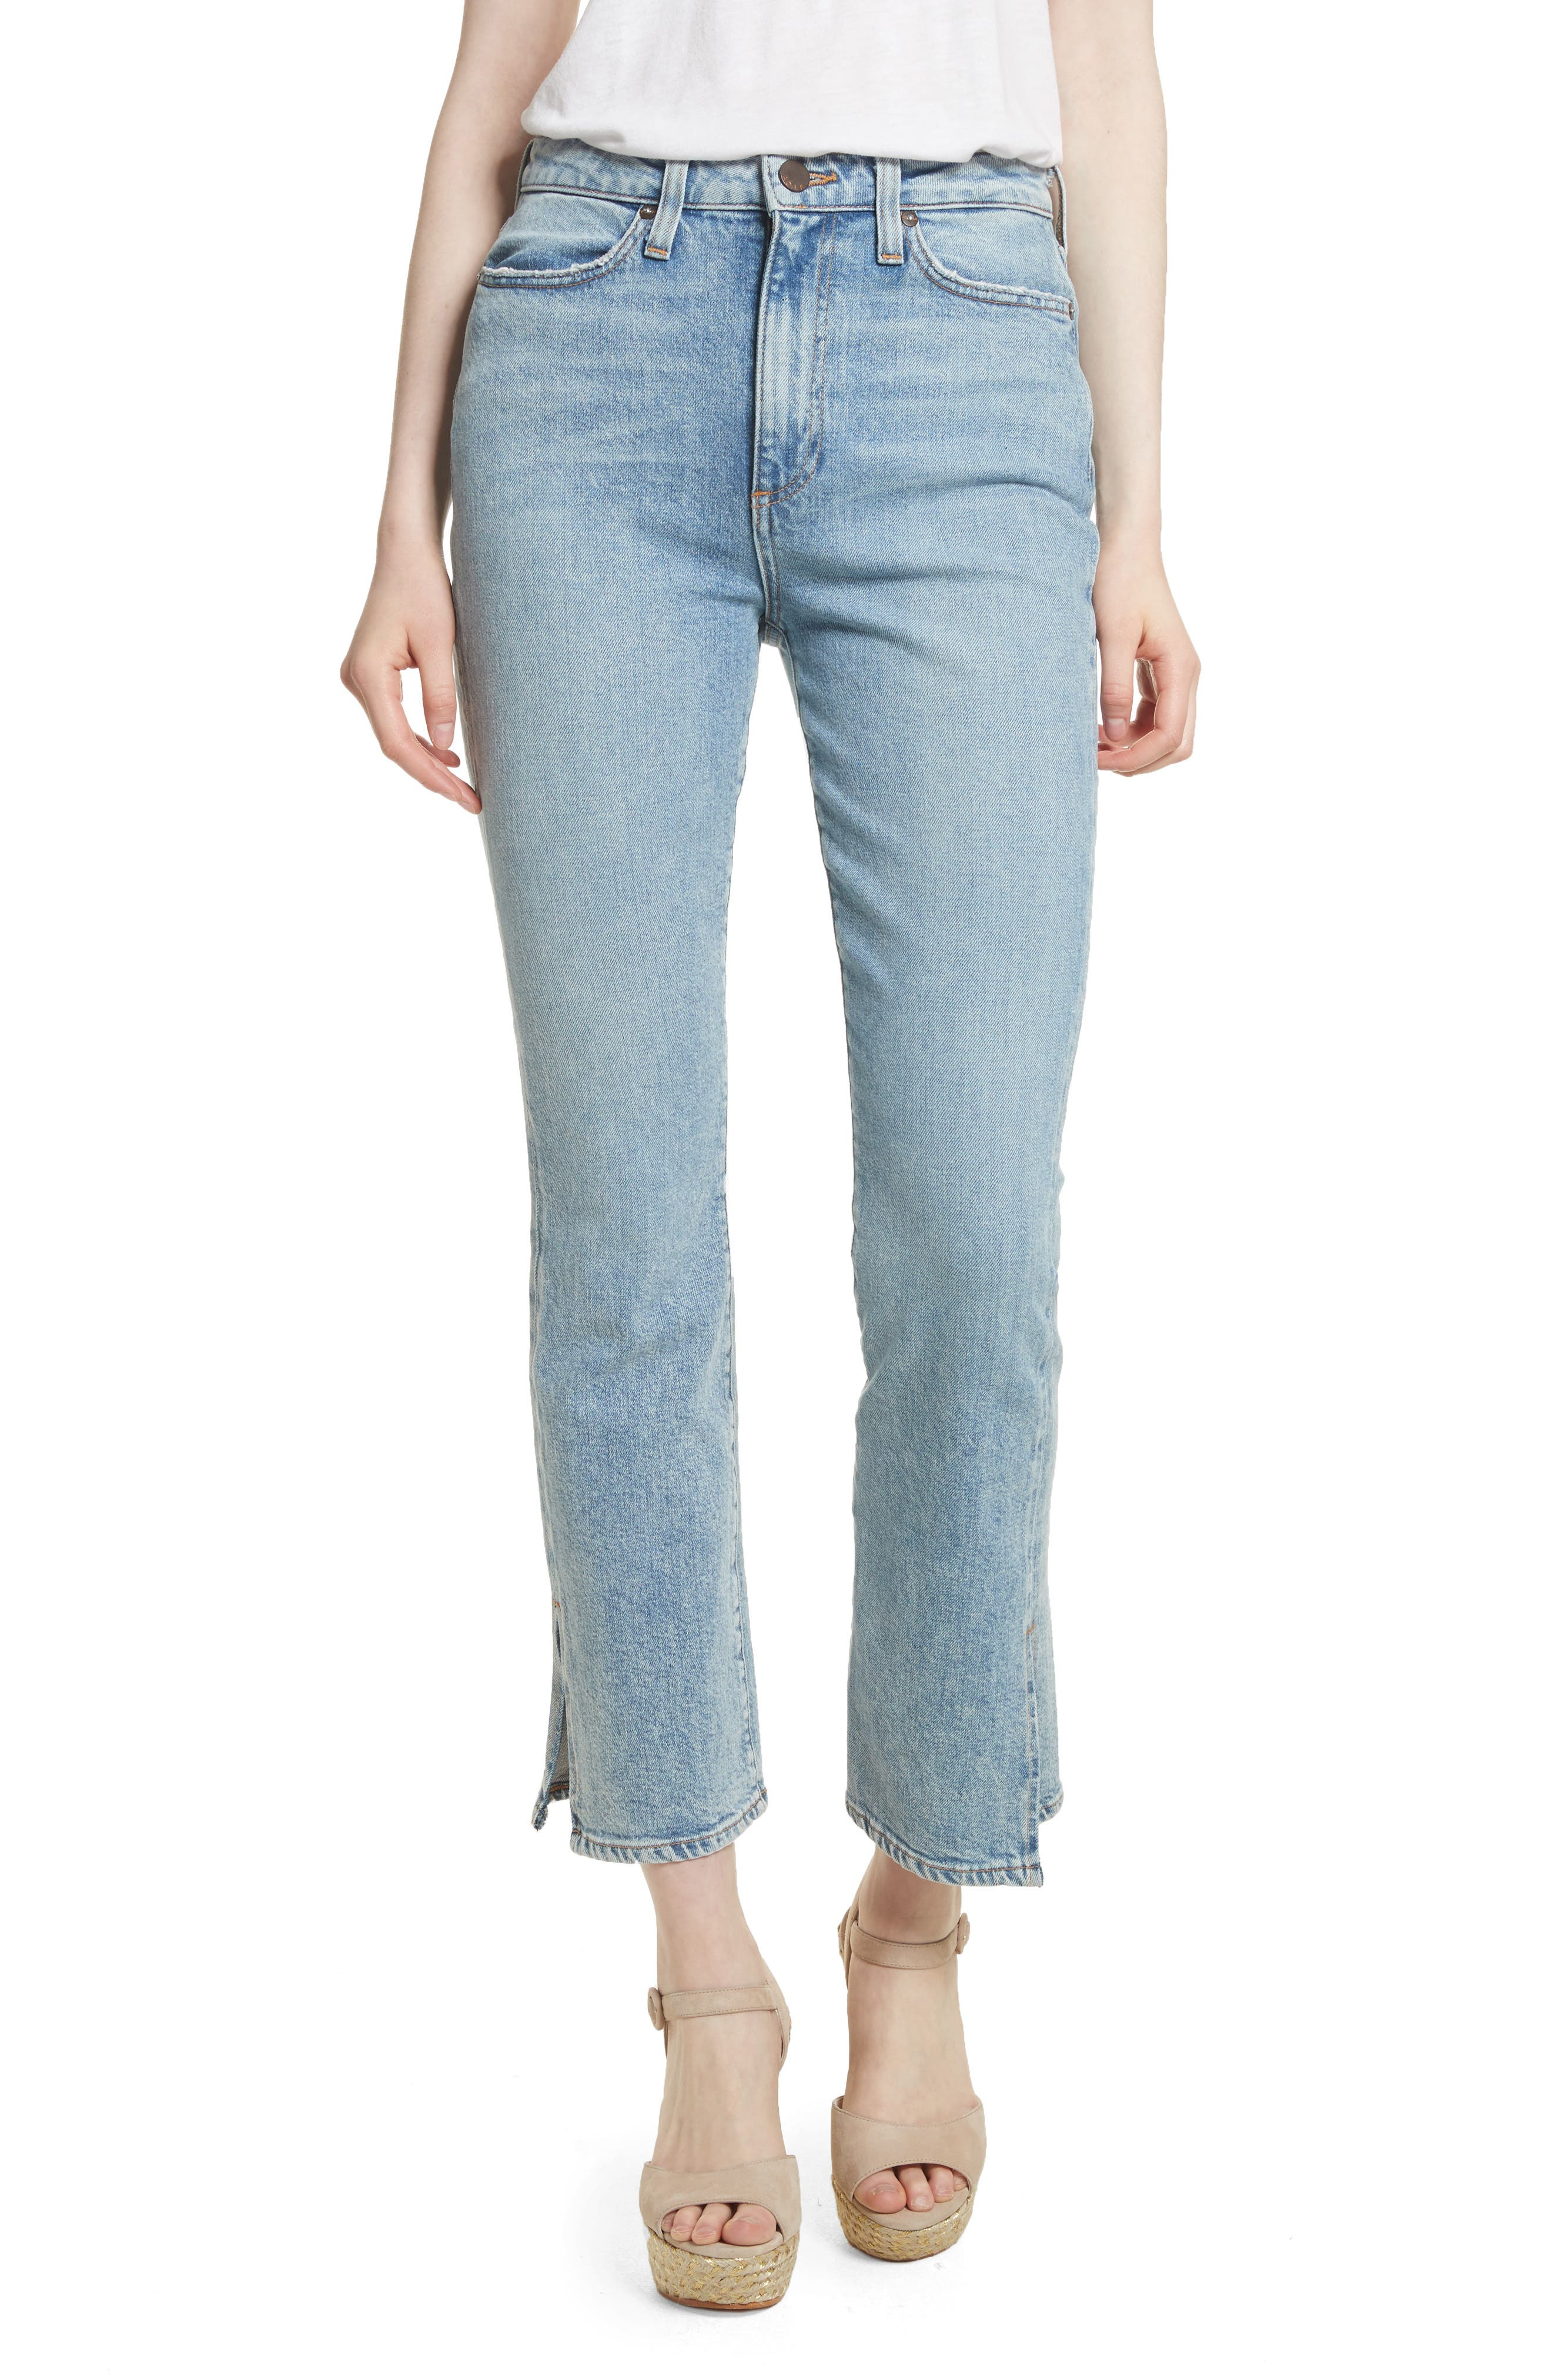 AO.LA Fabulous High Waist Baby Bootcut Jeans,                             Main thumbnail 1, color,